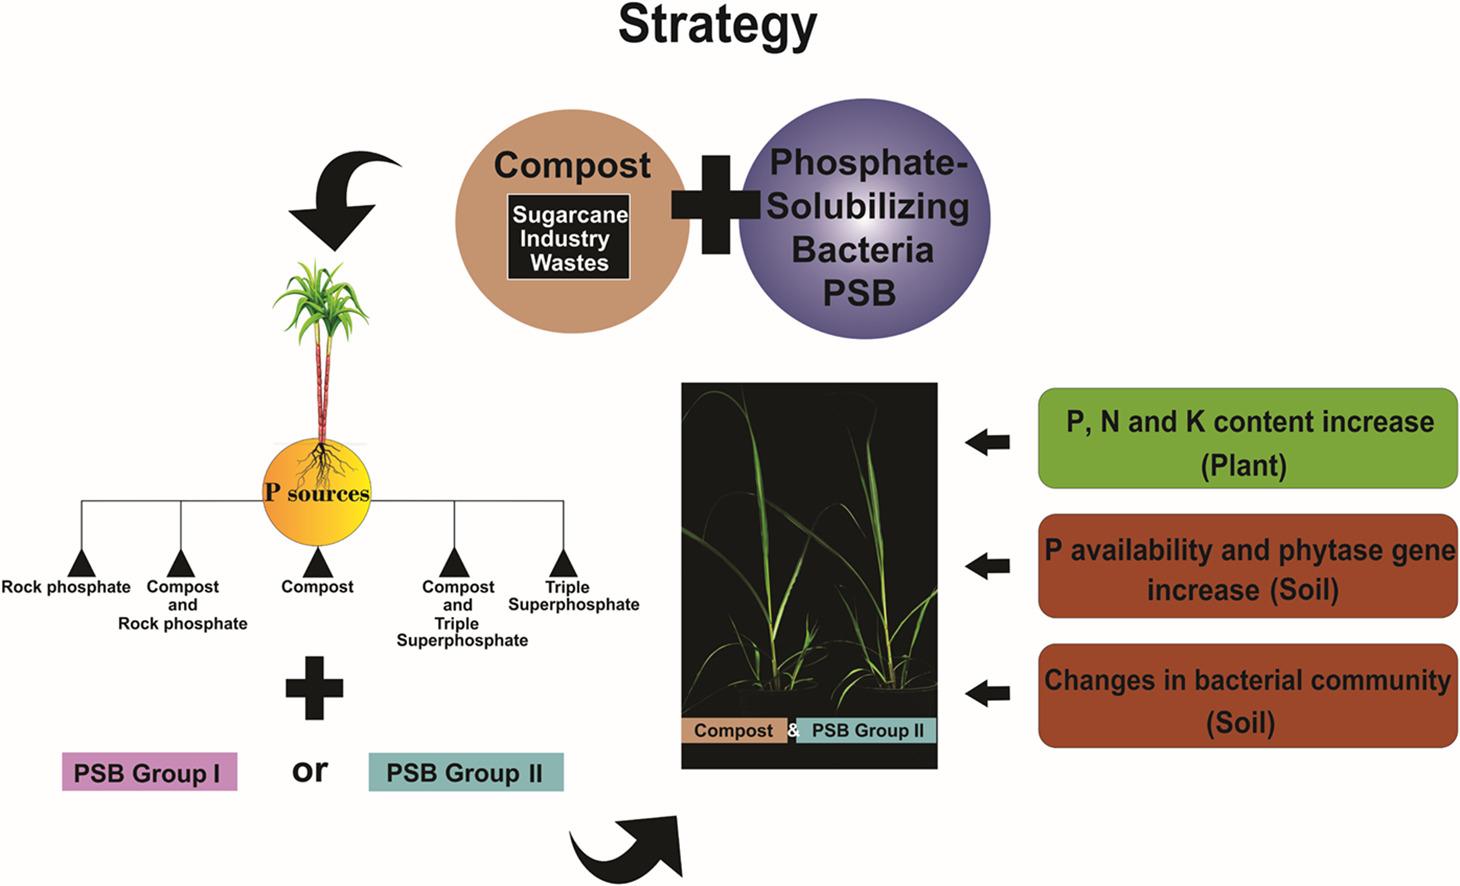 Nueva estrategia de fertilización para el cultivo de caña de azúcar disminuye impacto ambiental